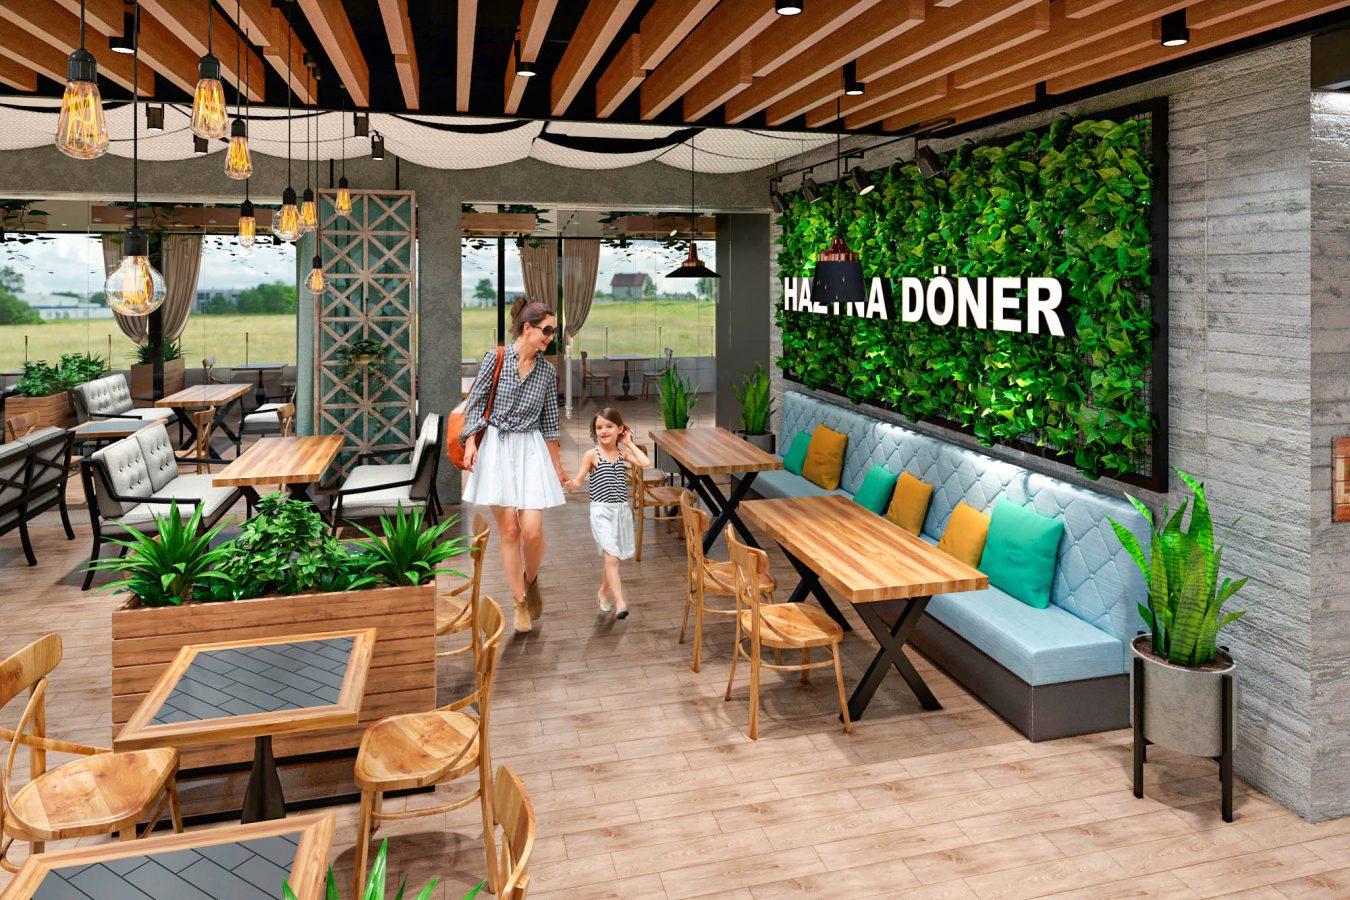 home interior design company in malaysia, home interior design malaysia